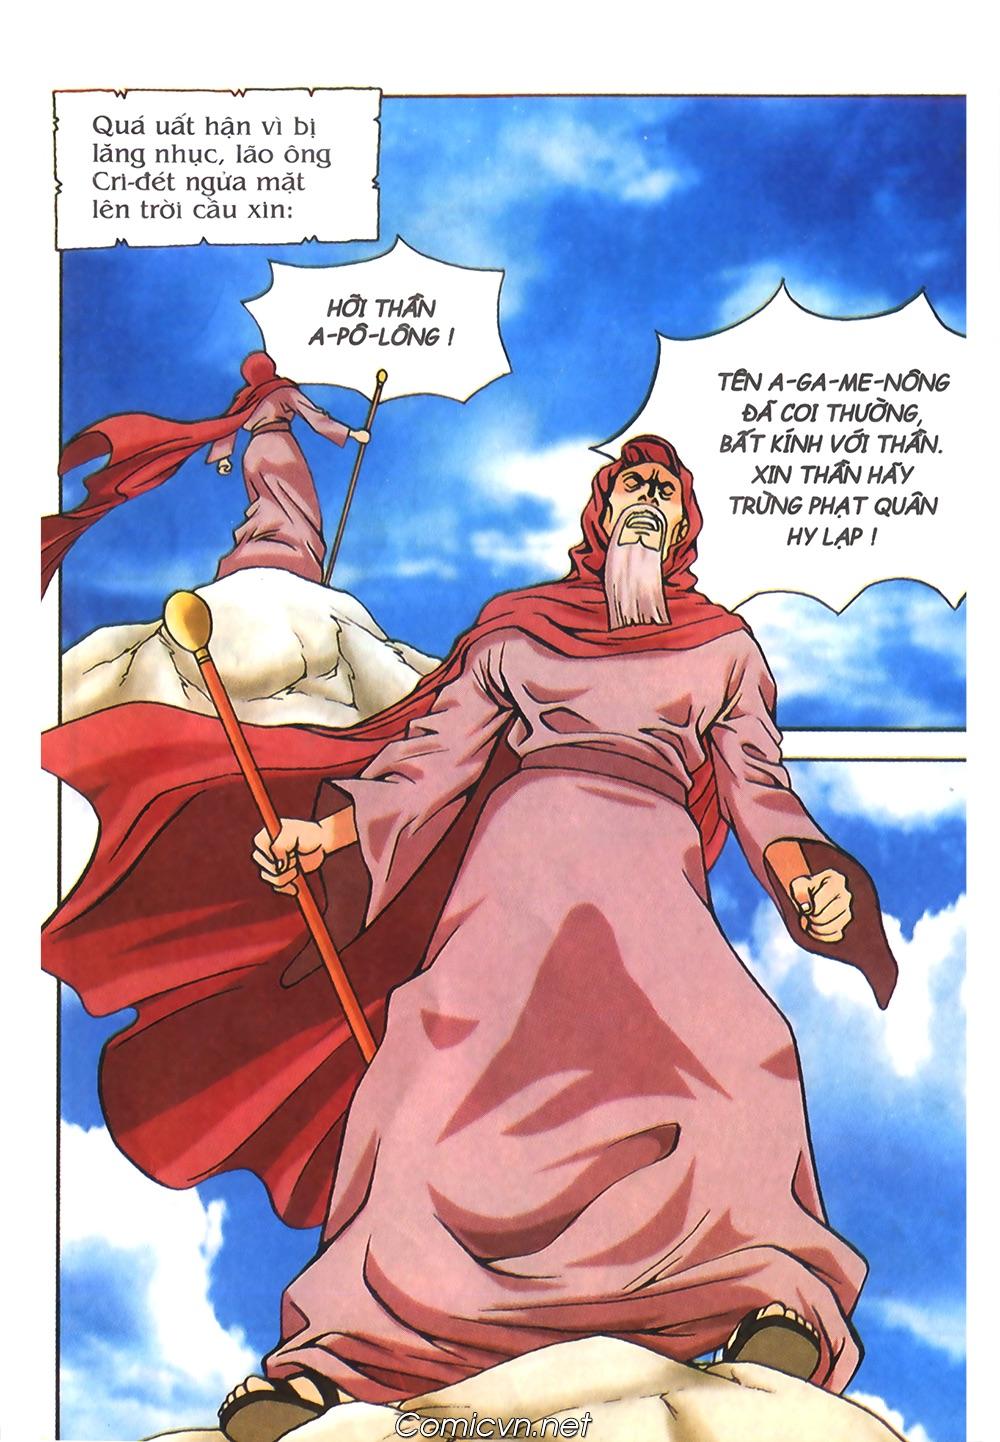 Thần Thoại Hy Lạp Màu - Chapter 56: Hai vị tướng và hai mỹ nữ - Pic 23